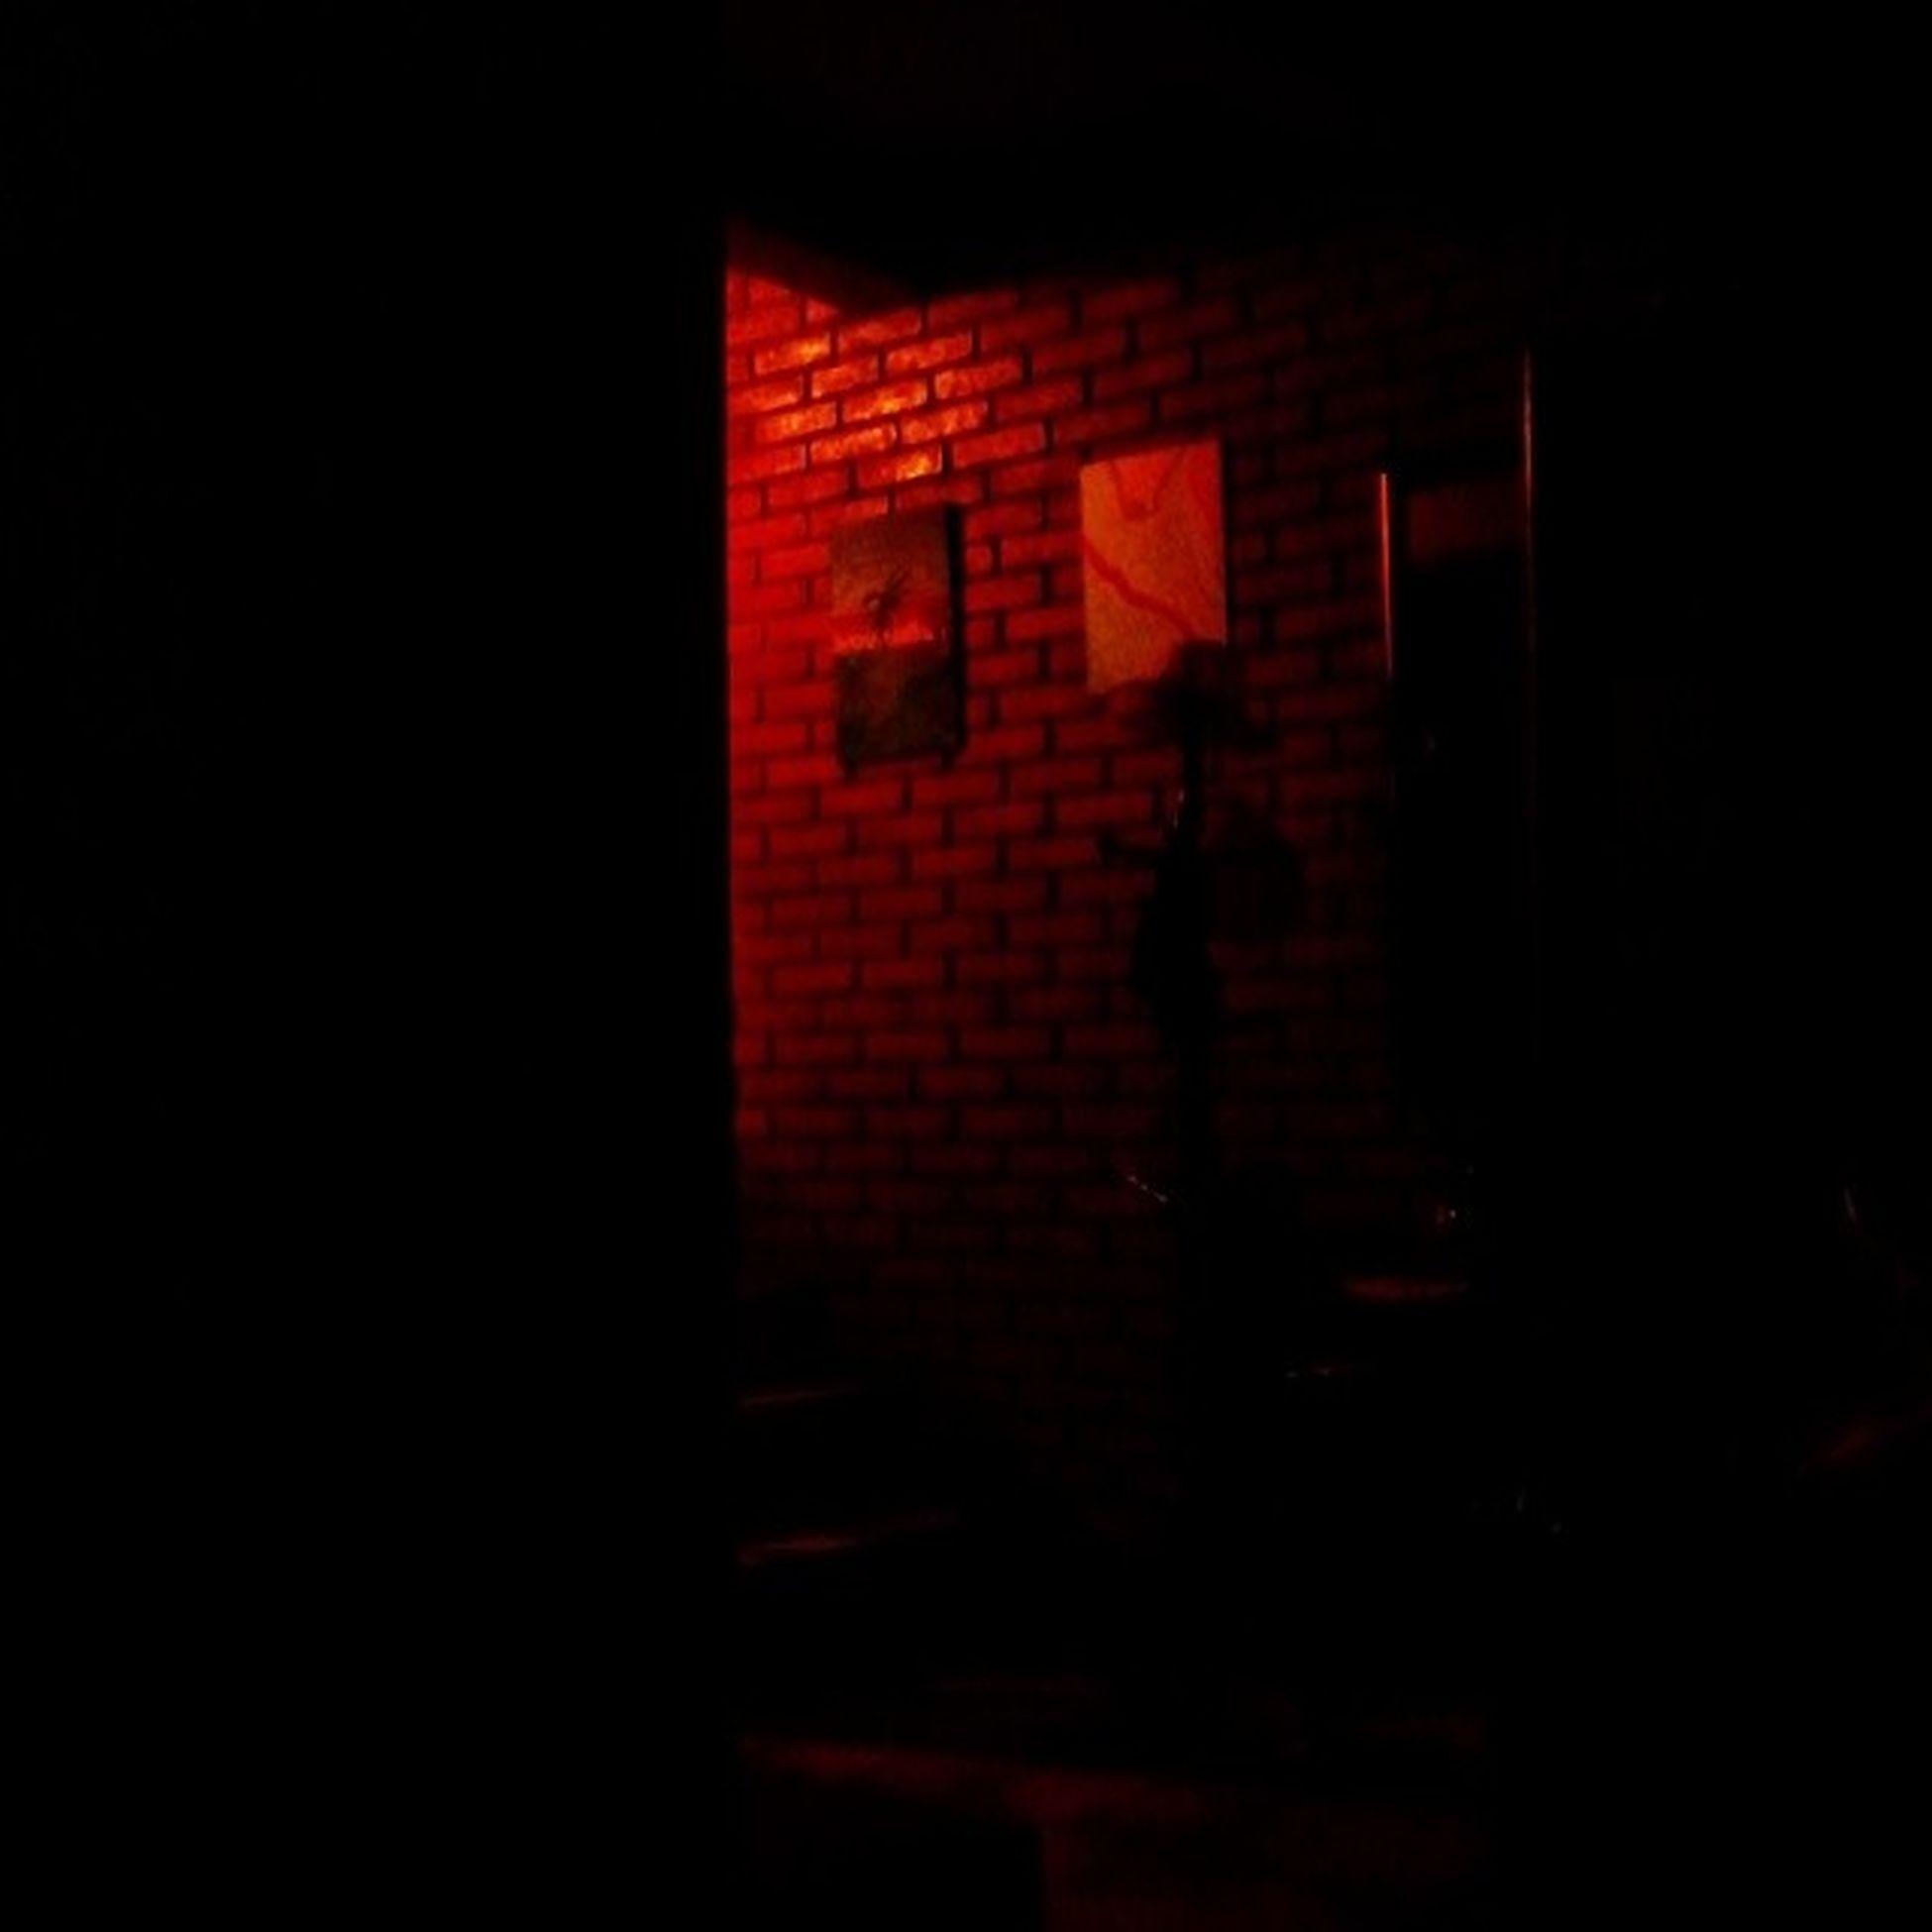 Na sala,no escurinho...